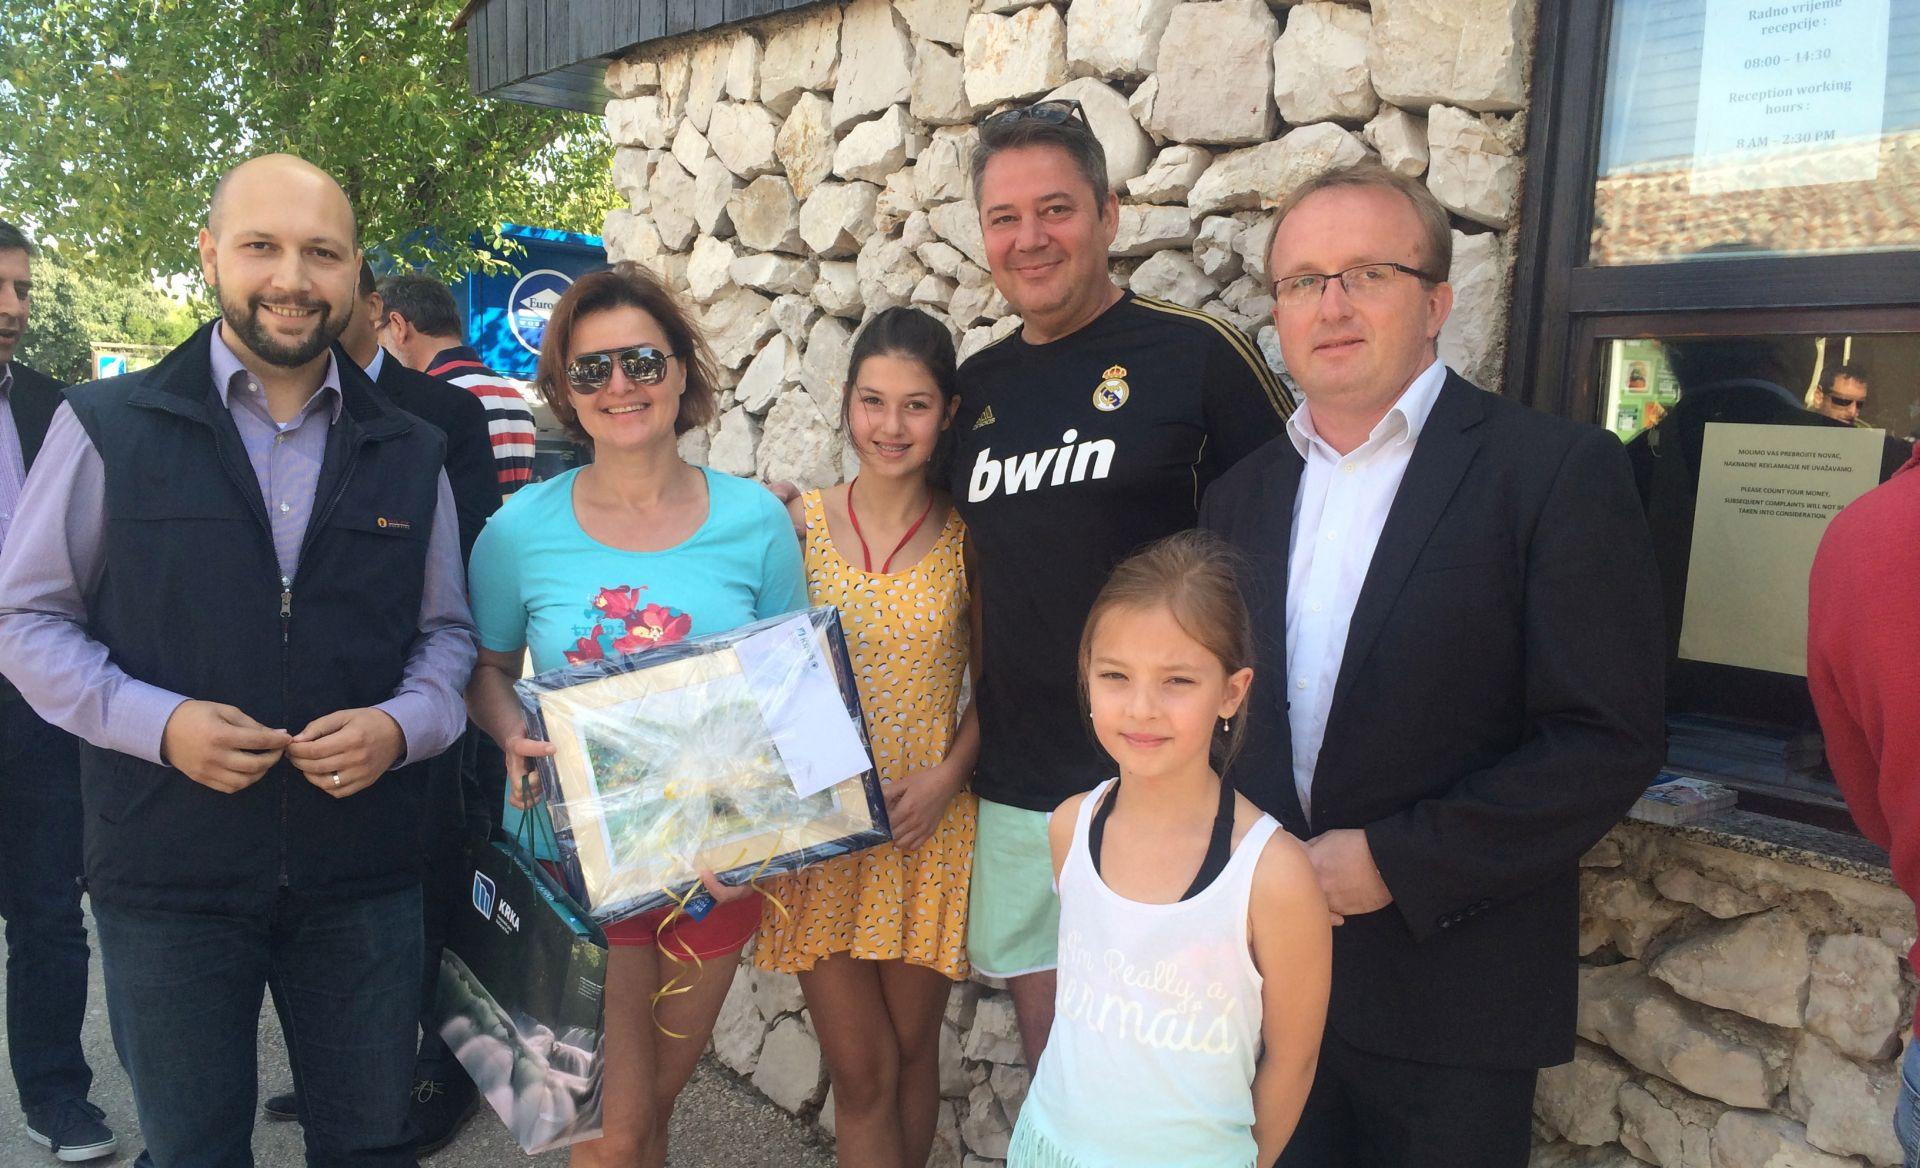 Obitelj Čović dočekali su ministar zaštite prirode i okoliša Mihael Zmajlović i ravnatelj Javne ustanove NP Krka Šakić te ih prigodno darovali, među ostalim i obiteljskom ulaznicom koja će vrijediti deset godina. foto HINA/ NP Krka